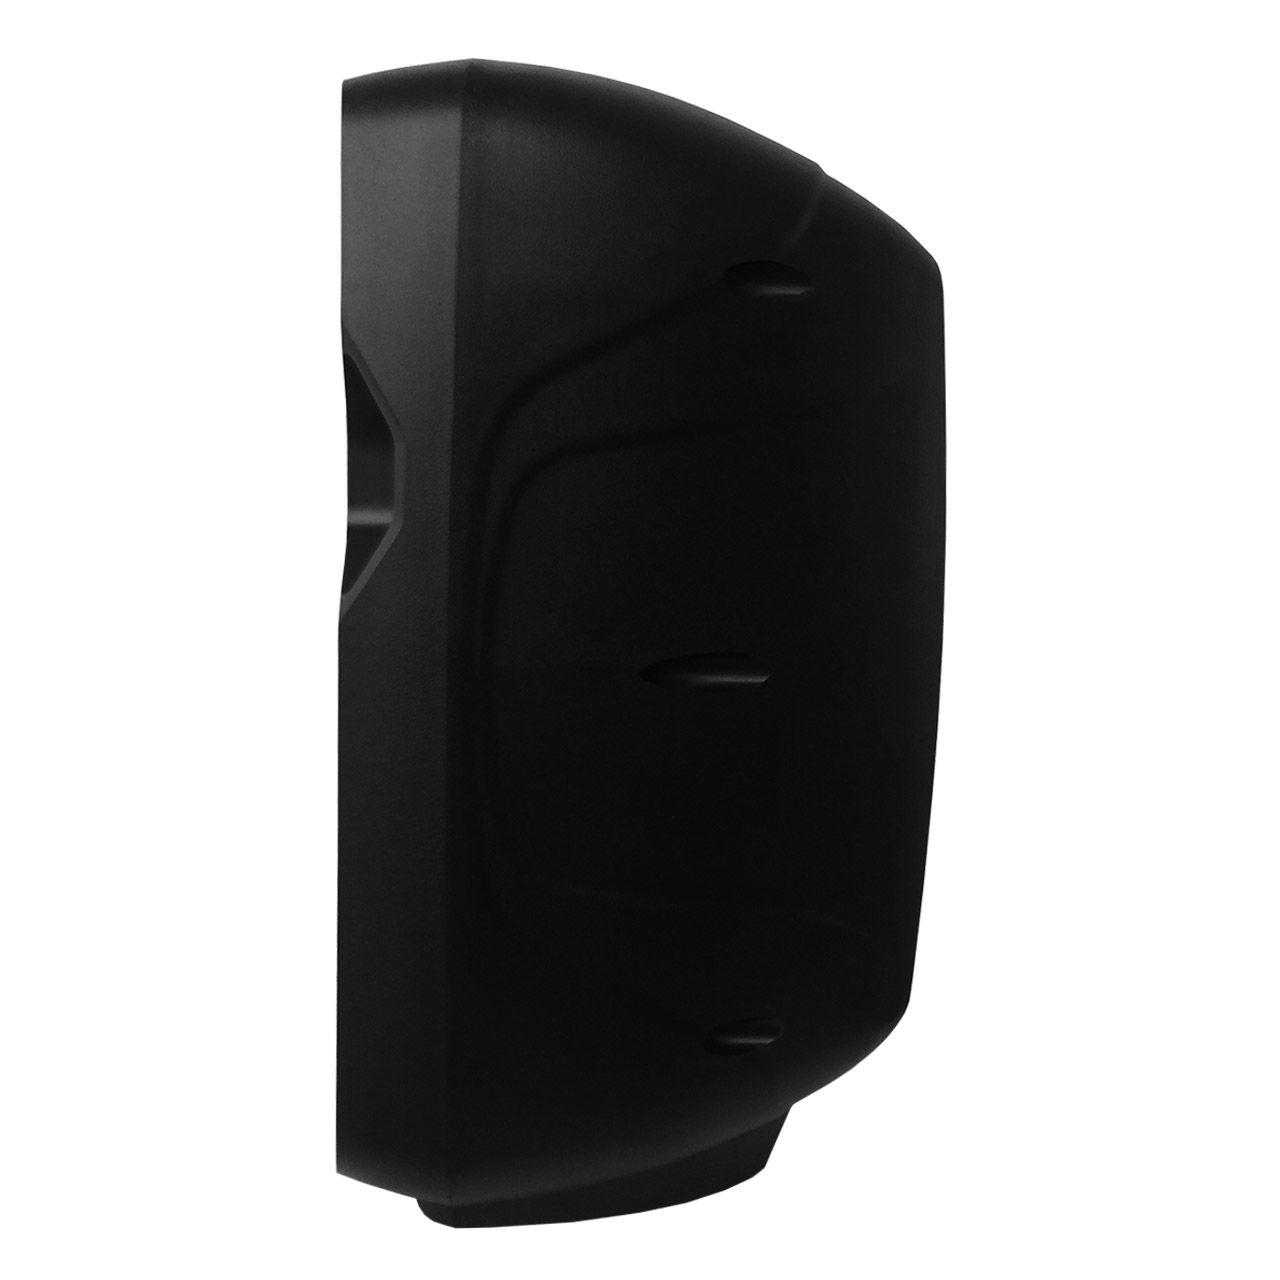 Kit Caixa de Som Ativa Passiva Wls S10 Bluetooth 250 + Tripé e Cabo